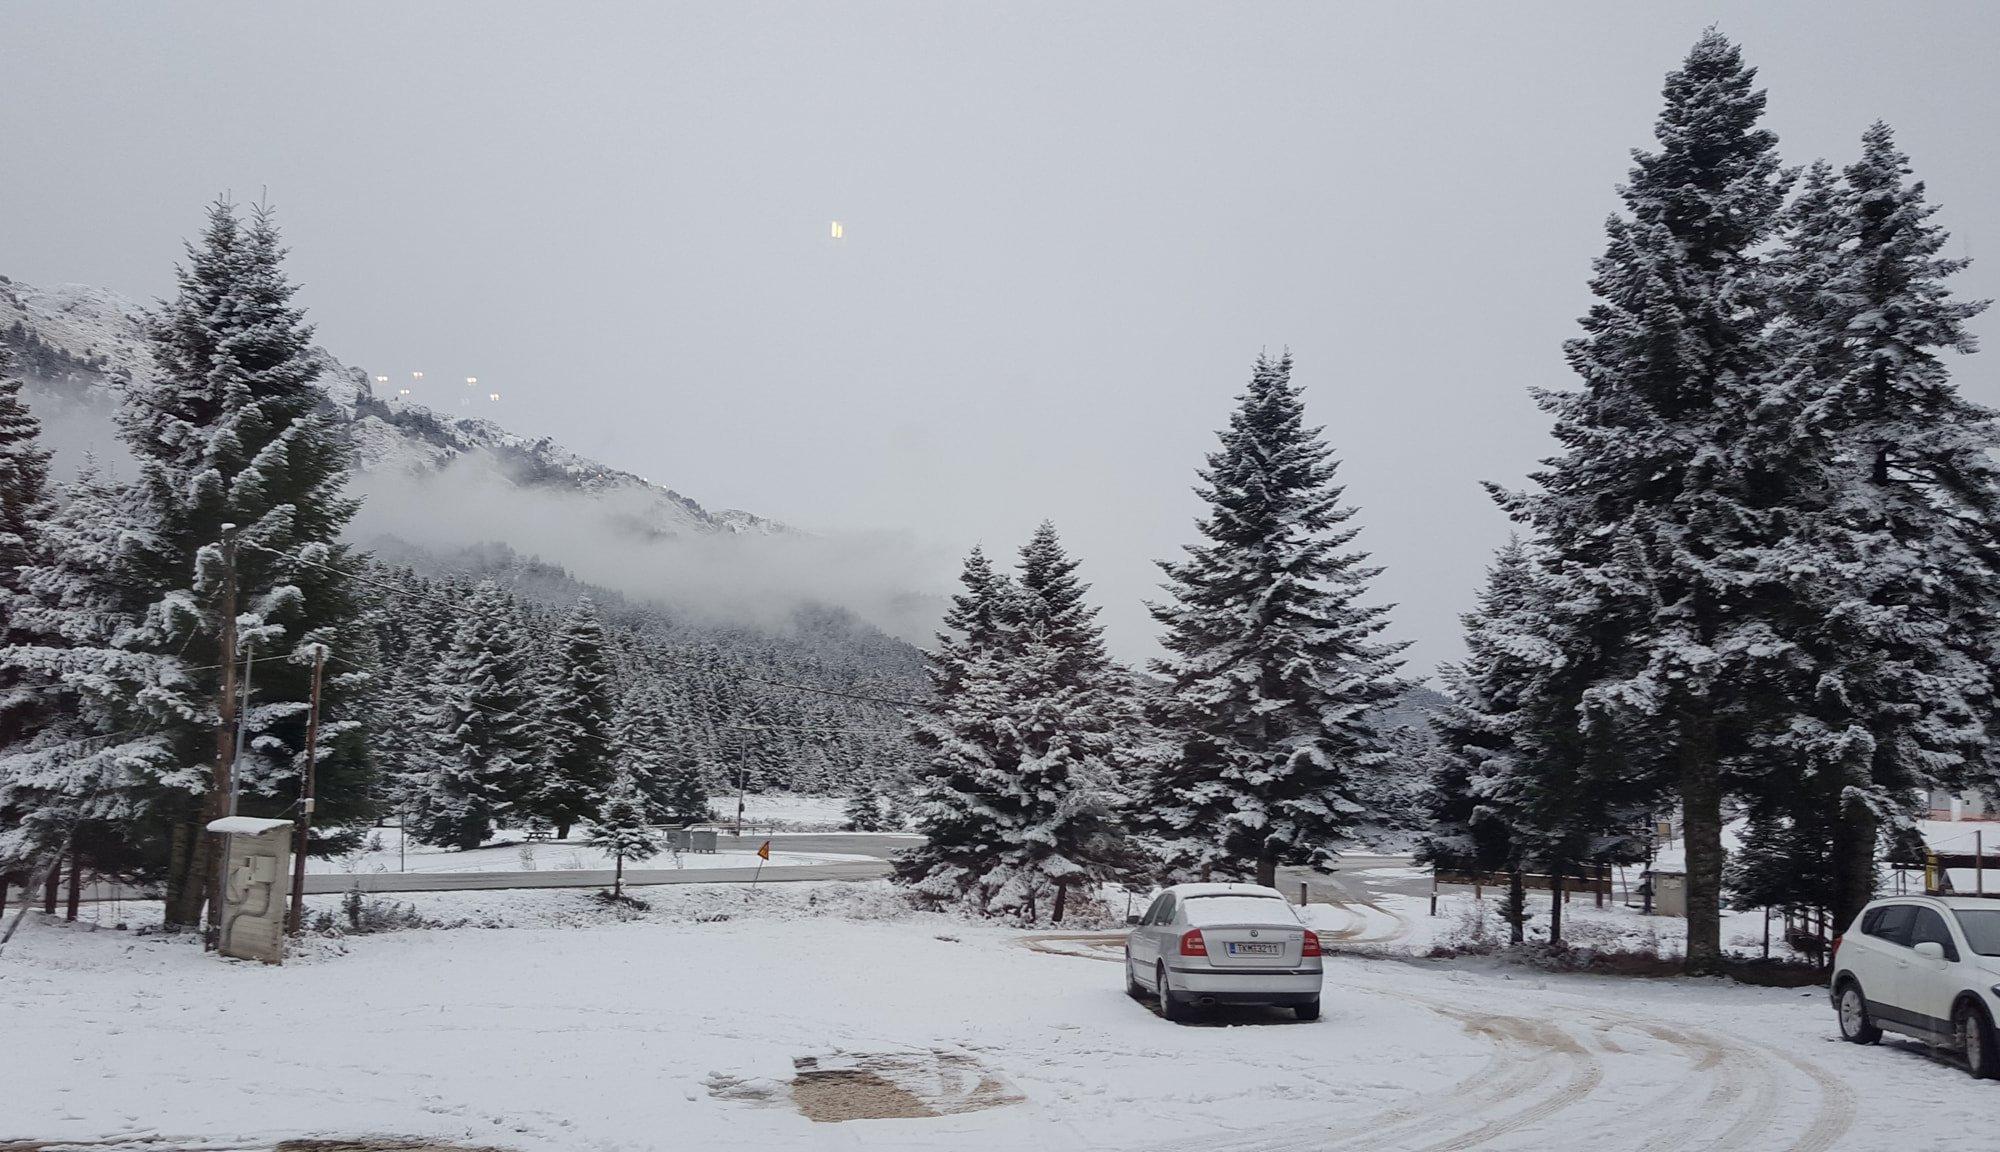 Ψυχρή εισβολή. Χιόνια την Τετάρτη στα ορεινά των Τρικάλων